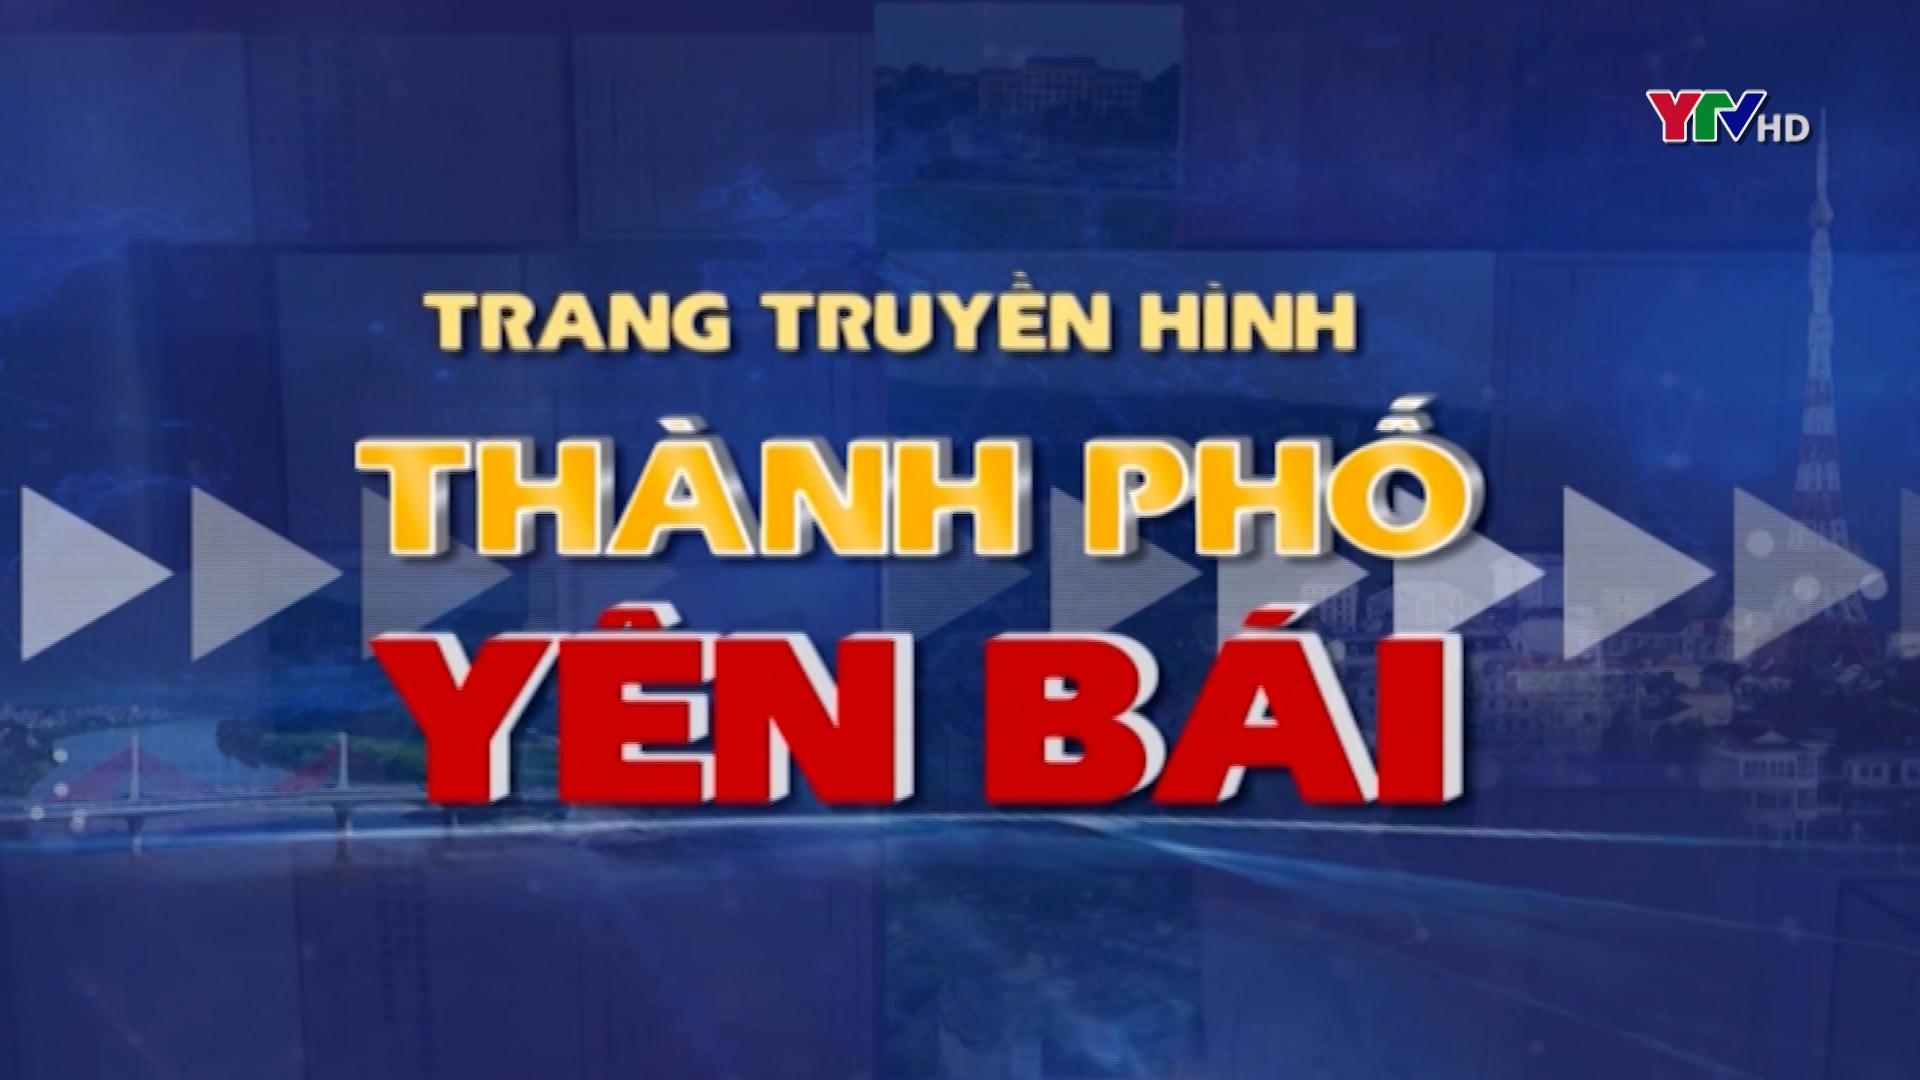 Trang Truyền hình thành phố Yên Bái số 1 tháng 10 năm 2020